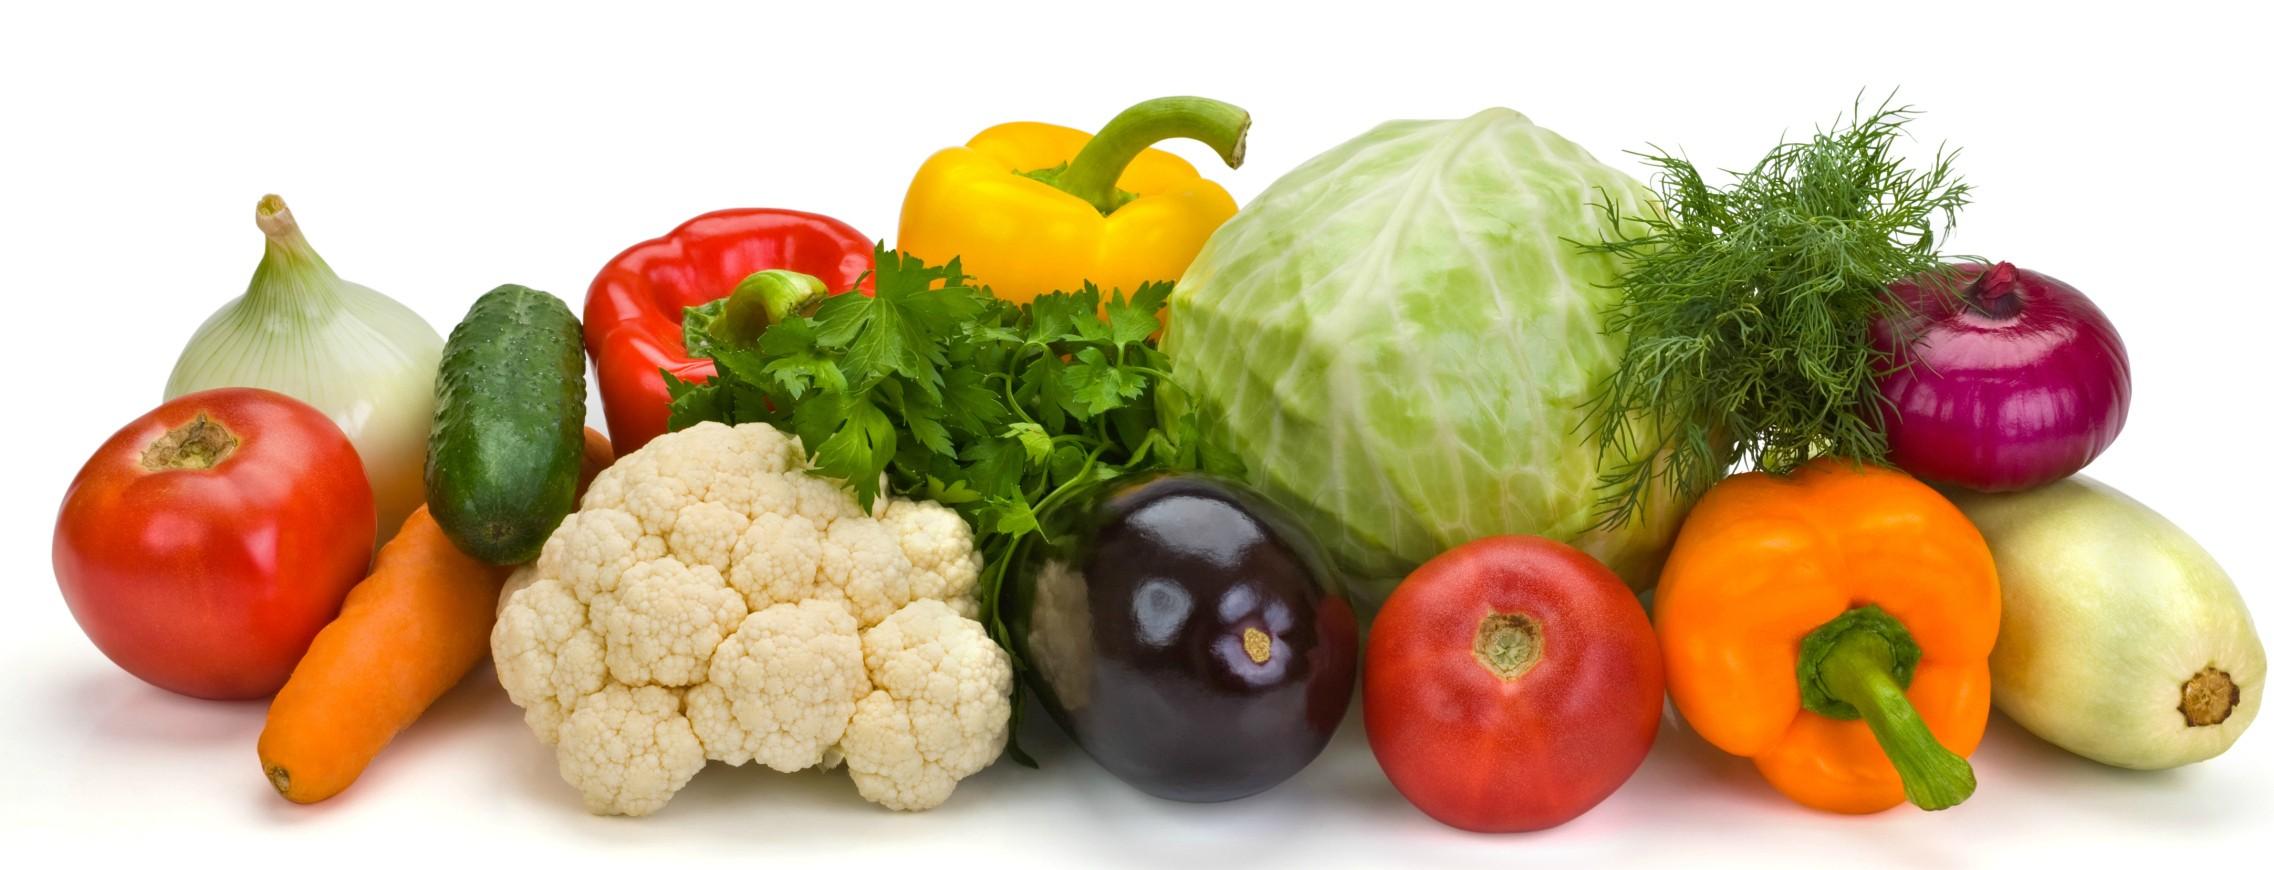 Vegetables #2